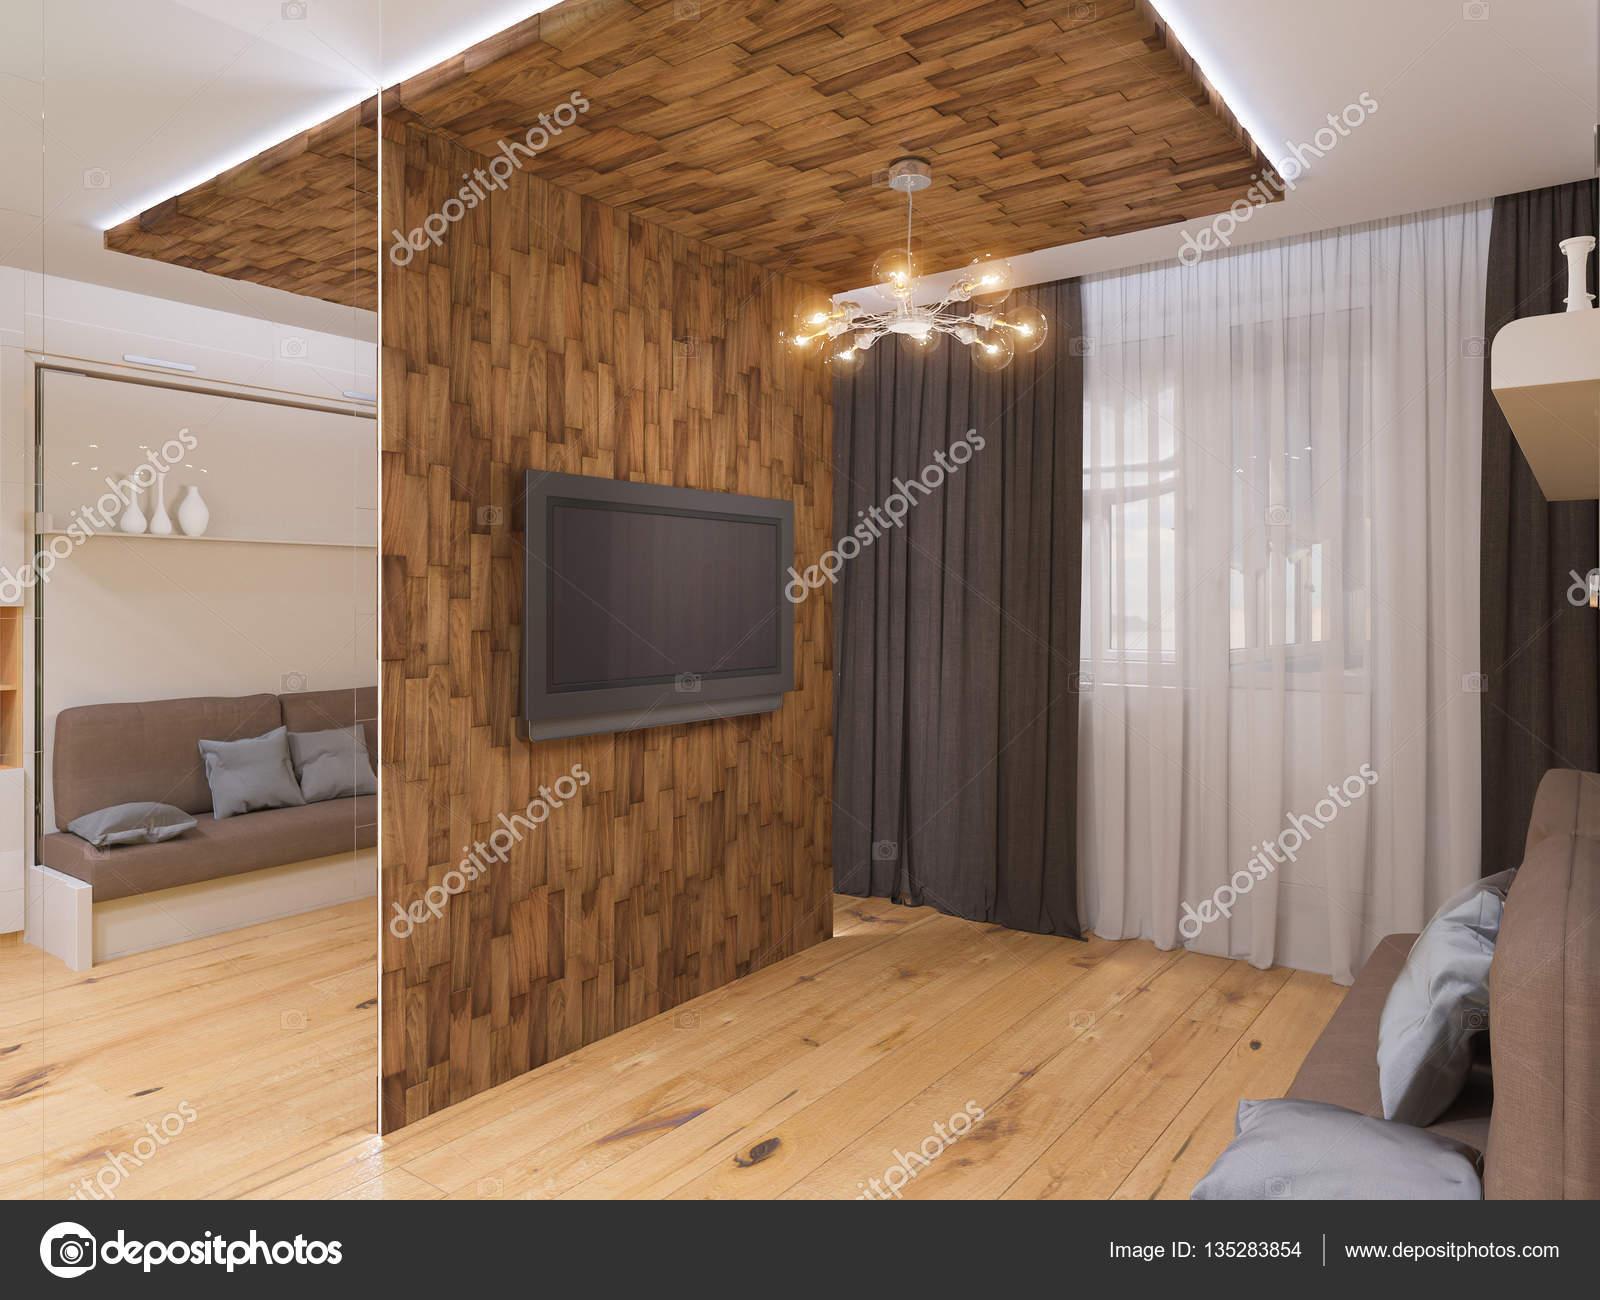 Kledingkast In Woonkamer.3d Illustratie Van Interieur Design Woonkamer Met Bed Kledingkast